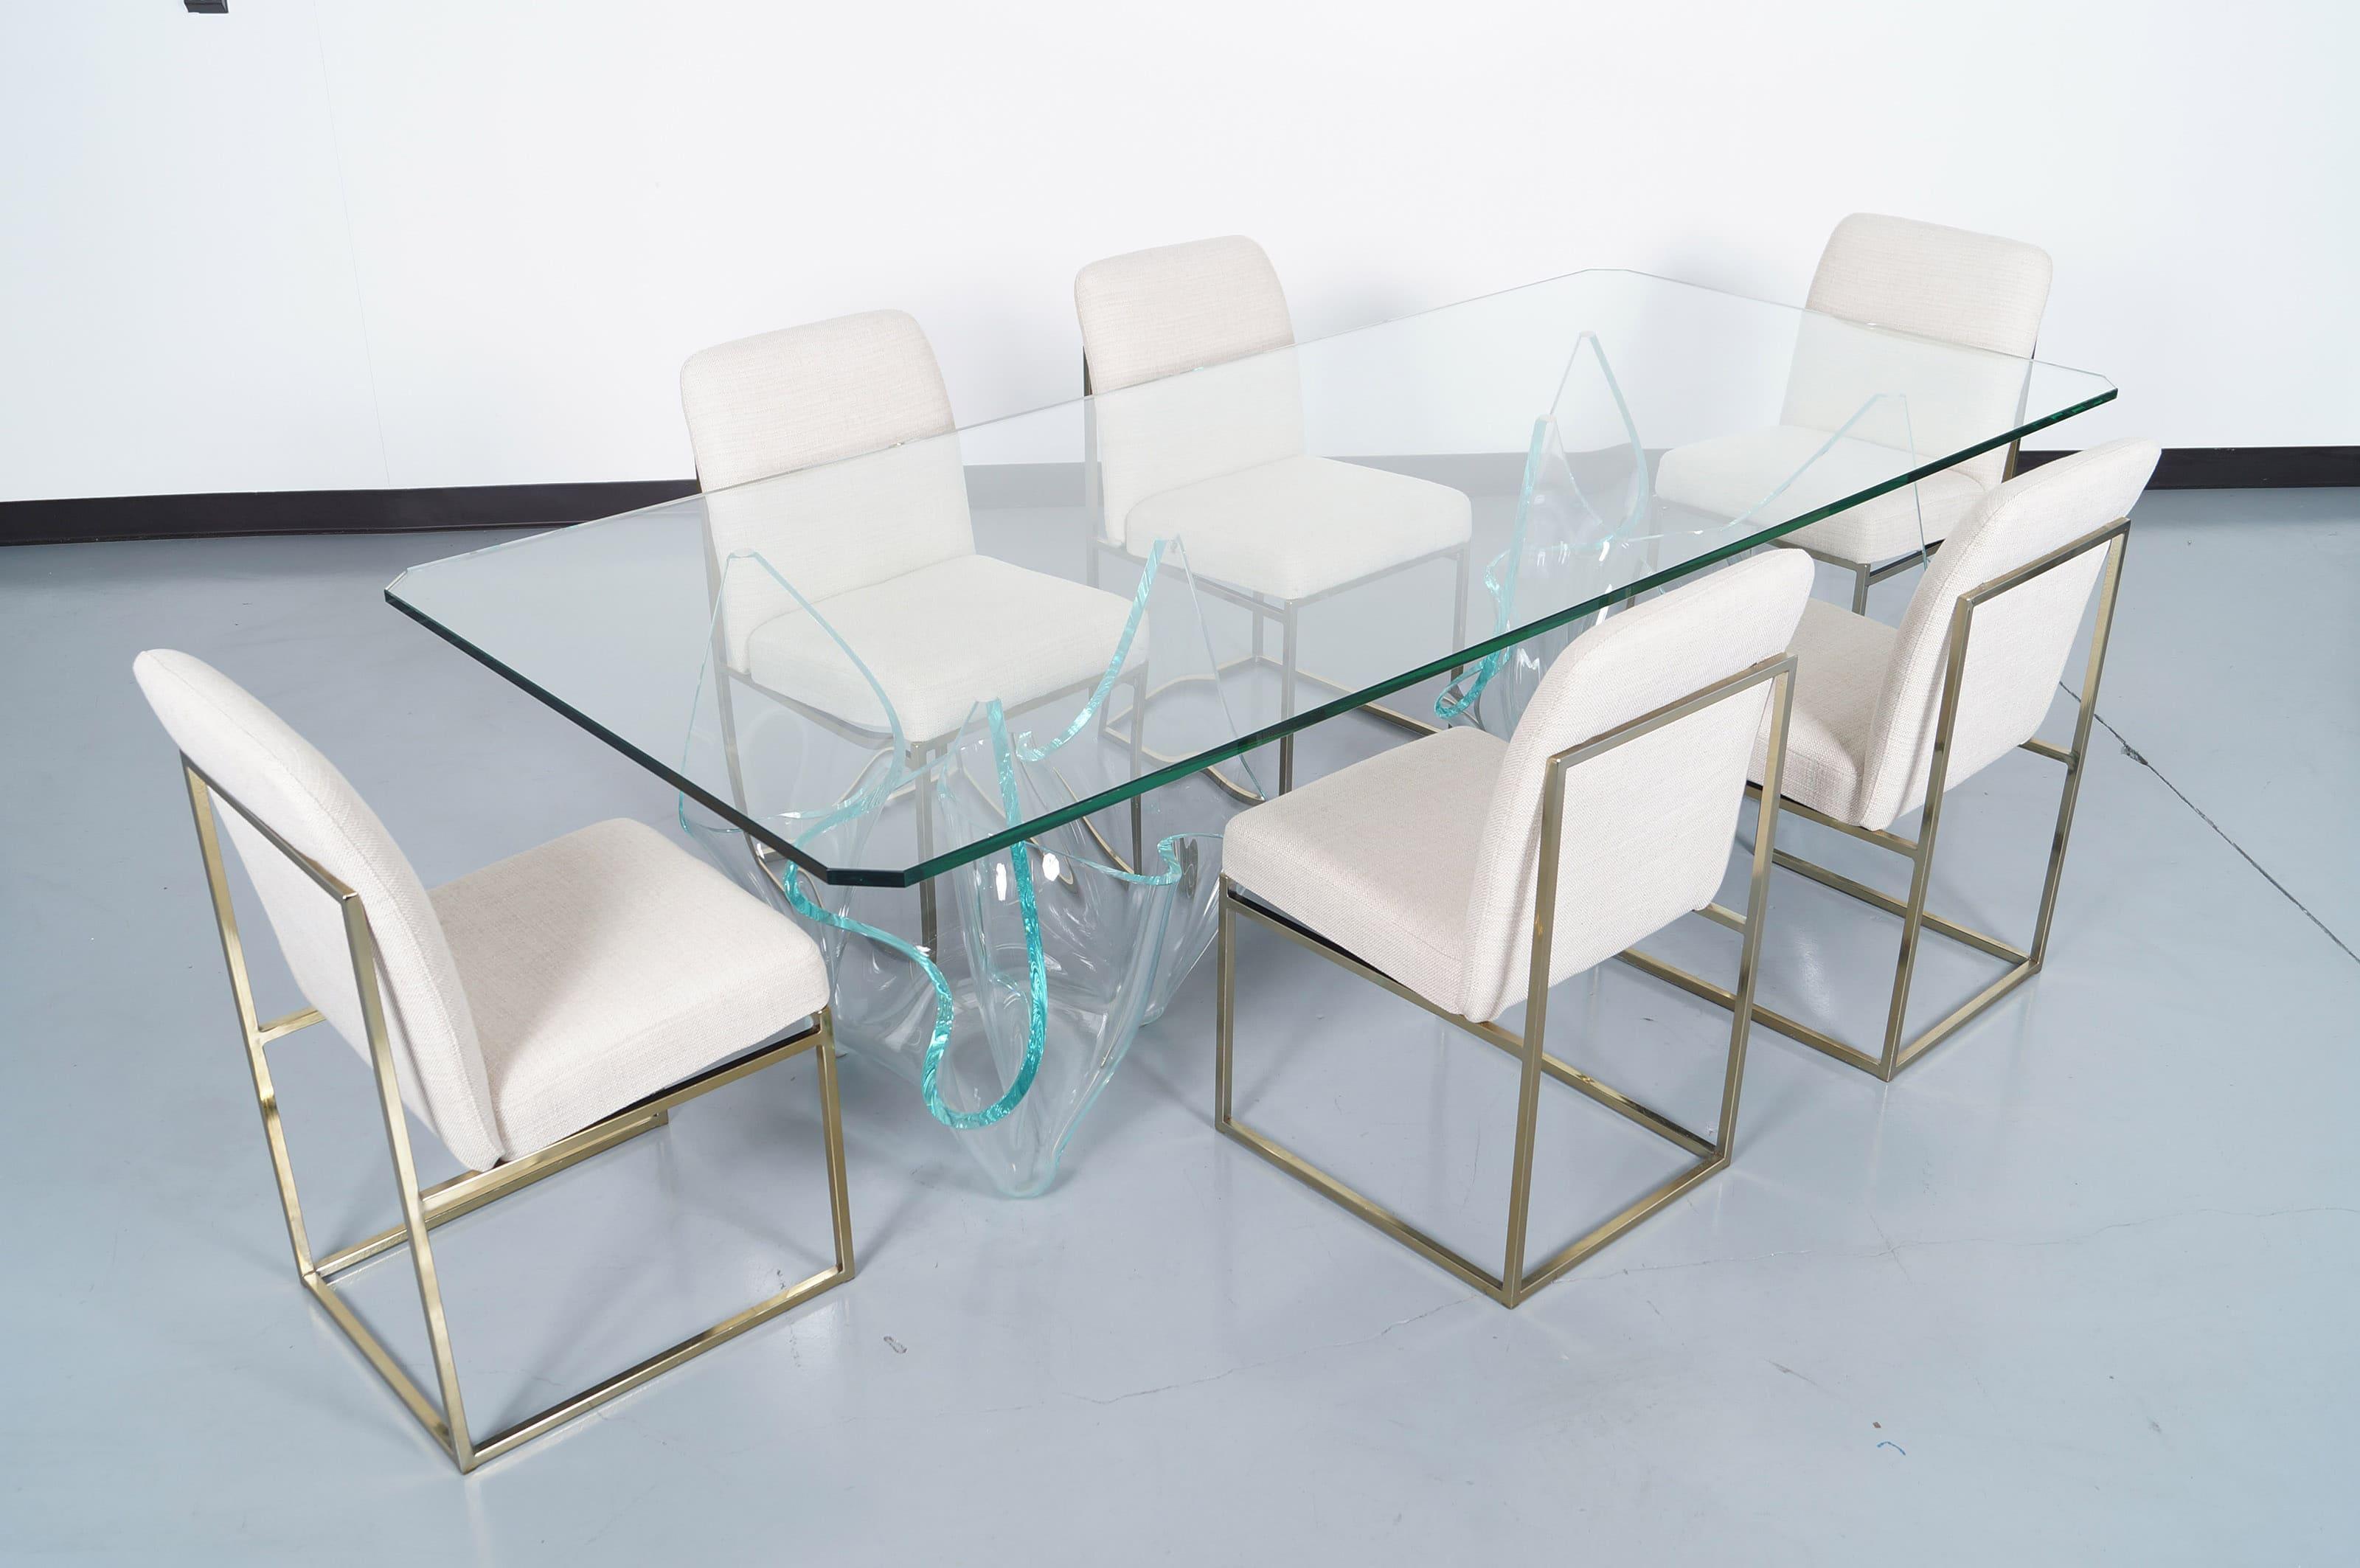 Vintage Sculptural Glass Dining Table by Laurel Fyfe